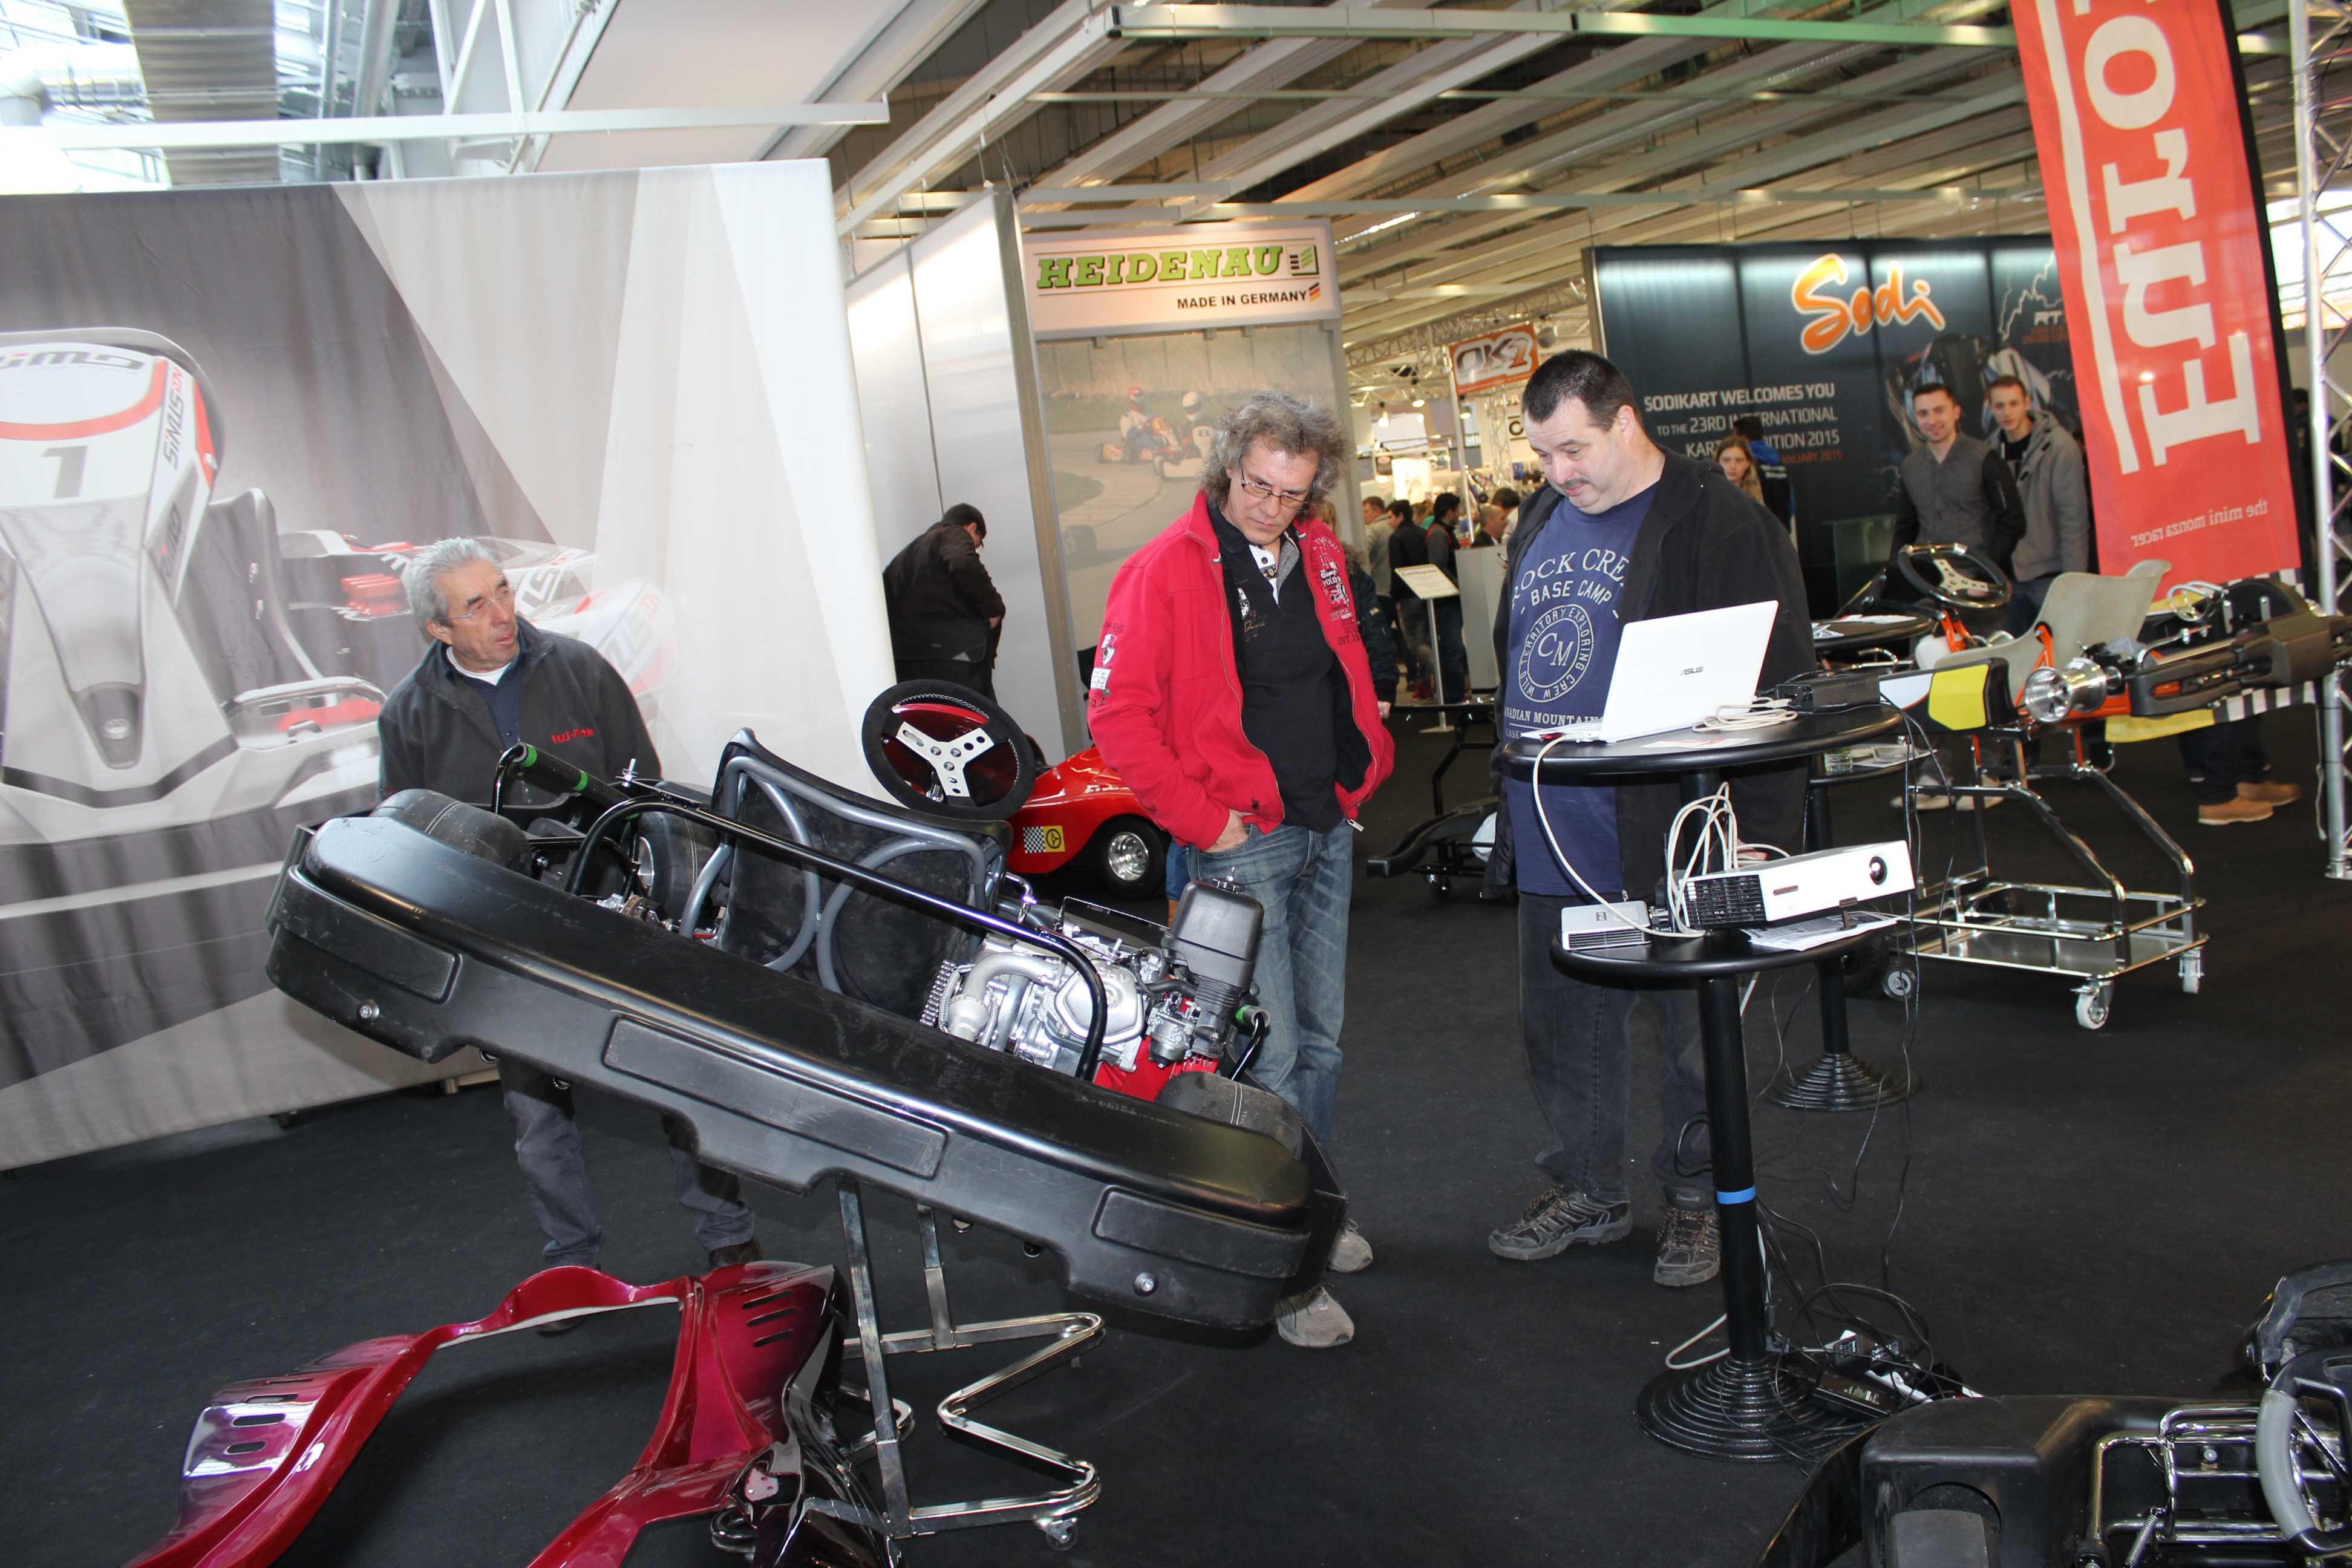 IZZI-FLEX Apresentação na Feira Internacional do Karting Alemanha15